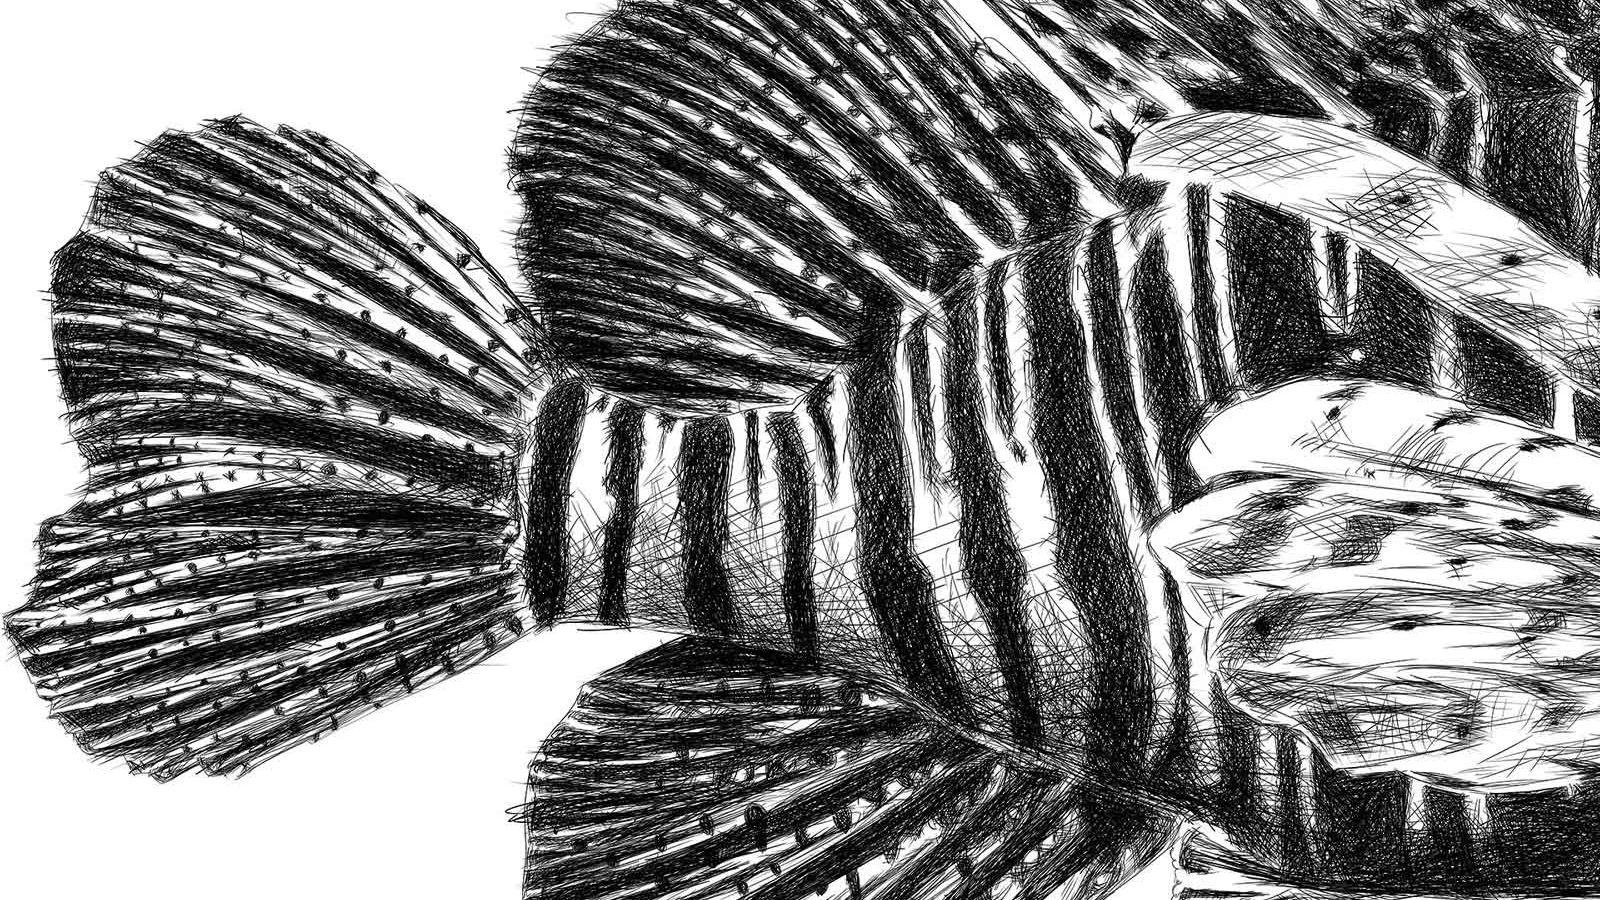 Lion fish illustration